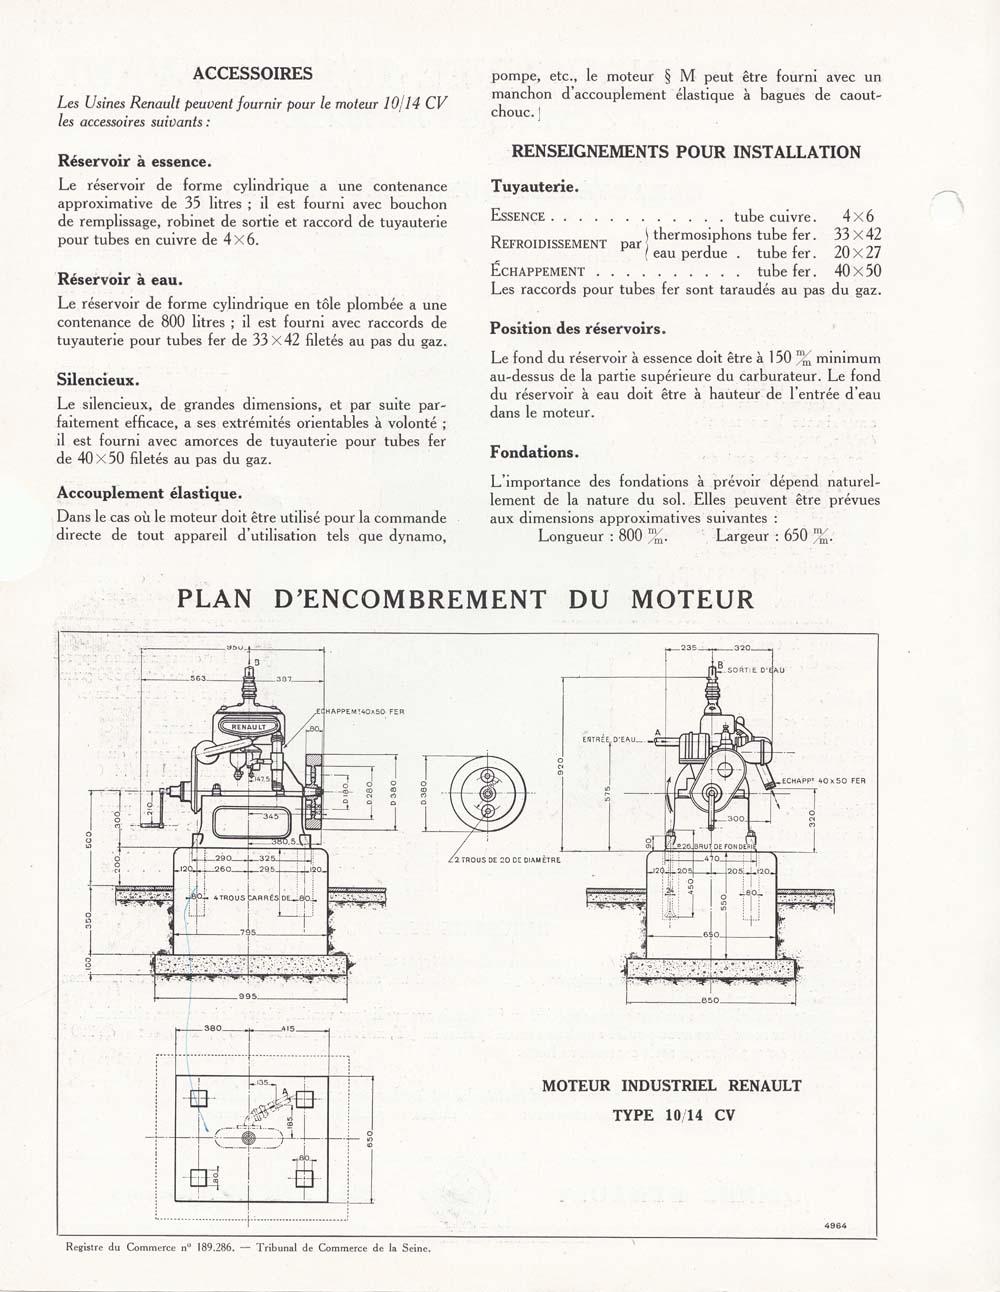 moteur_industriel_10_14cv_2